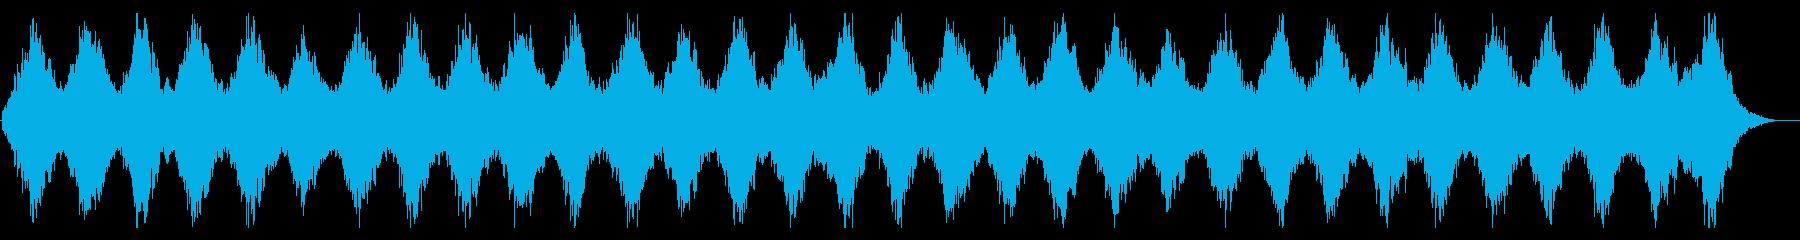 オーソドックスな★都市伝説に最適なBGMの再生済みの波形